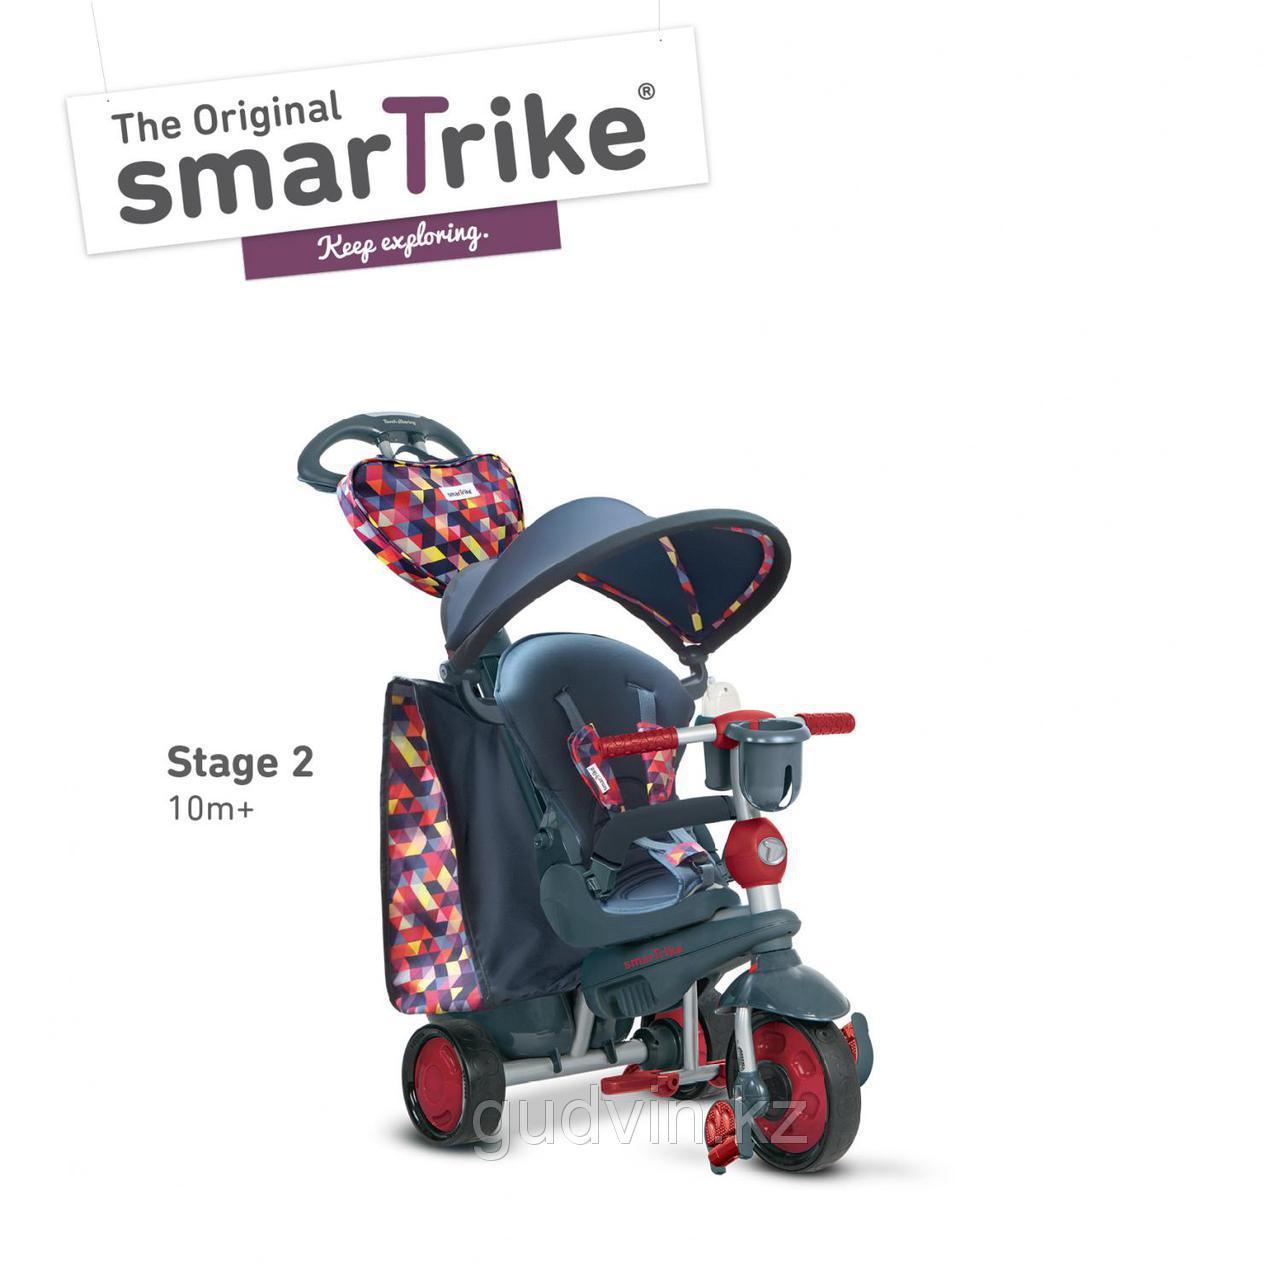 Smar trike велосипед 5 в 1 EXPLORER от 7 месяцев до 3 лет